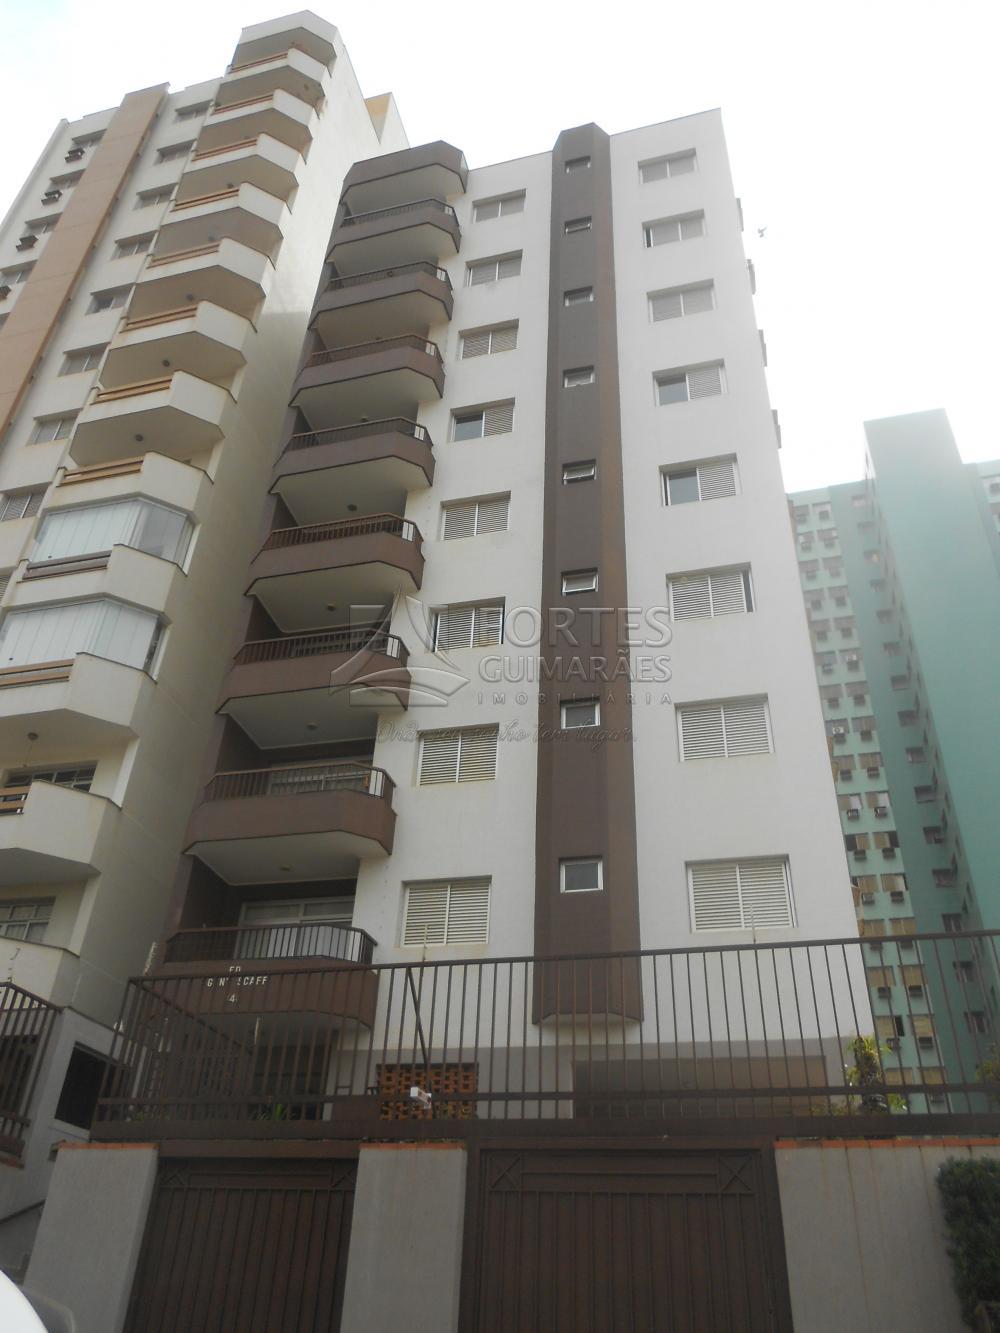 Alugar Apartamentos / Padrão em Ribeirão Preto apenas R$ 1.100,00 - Foto 38